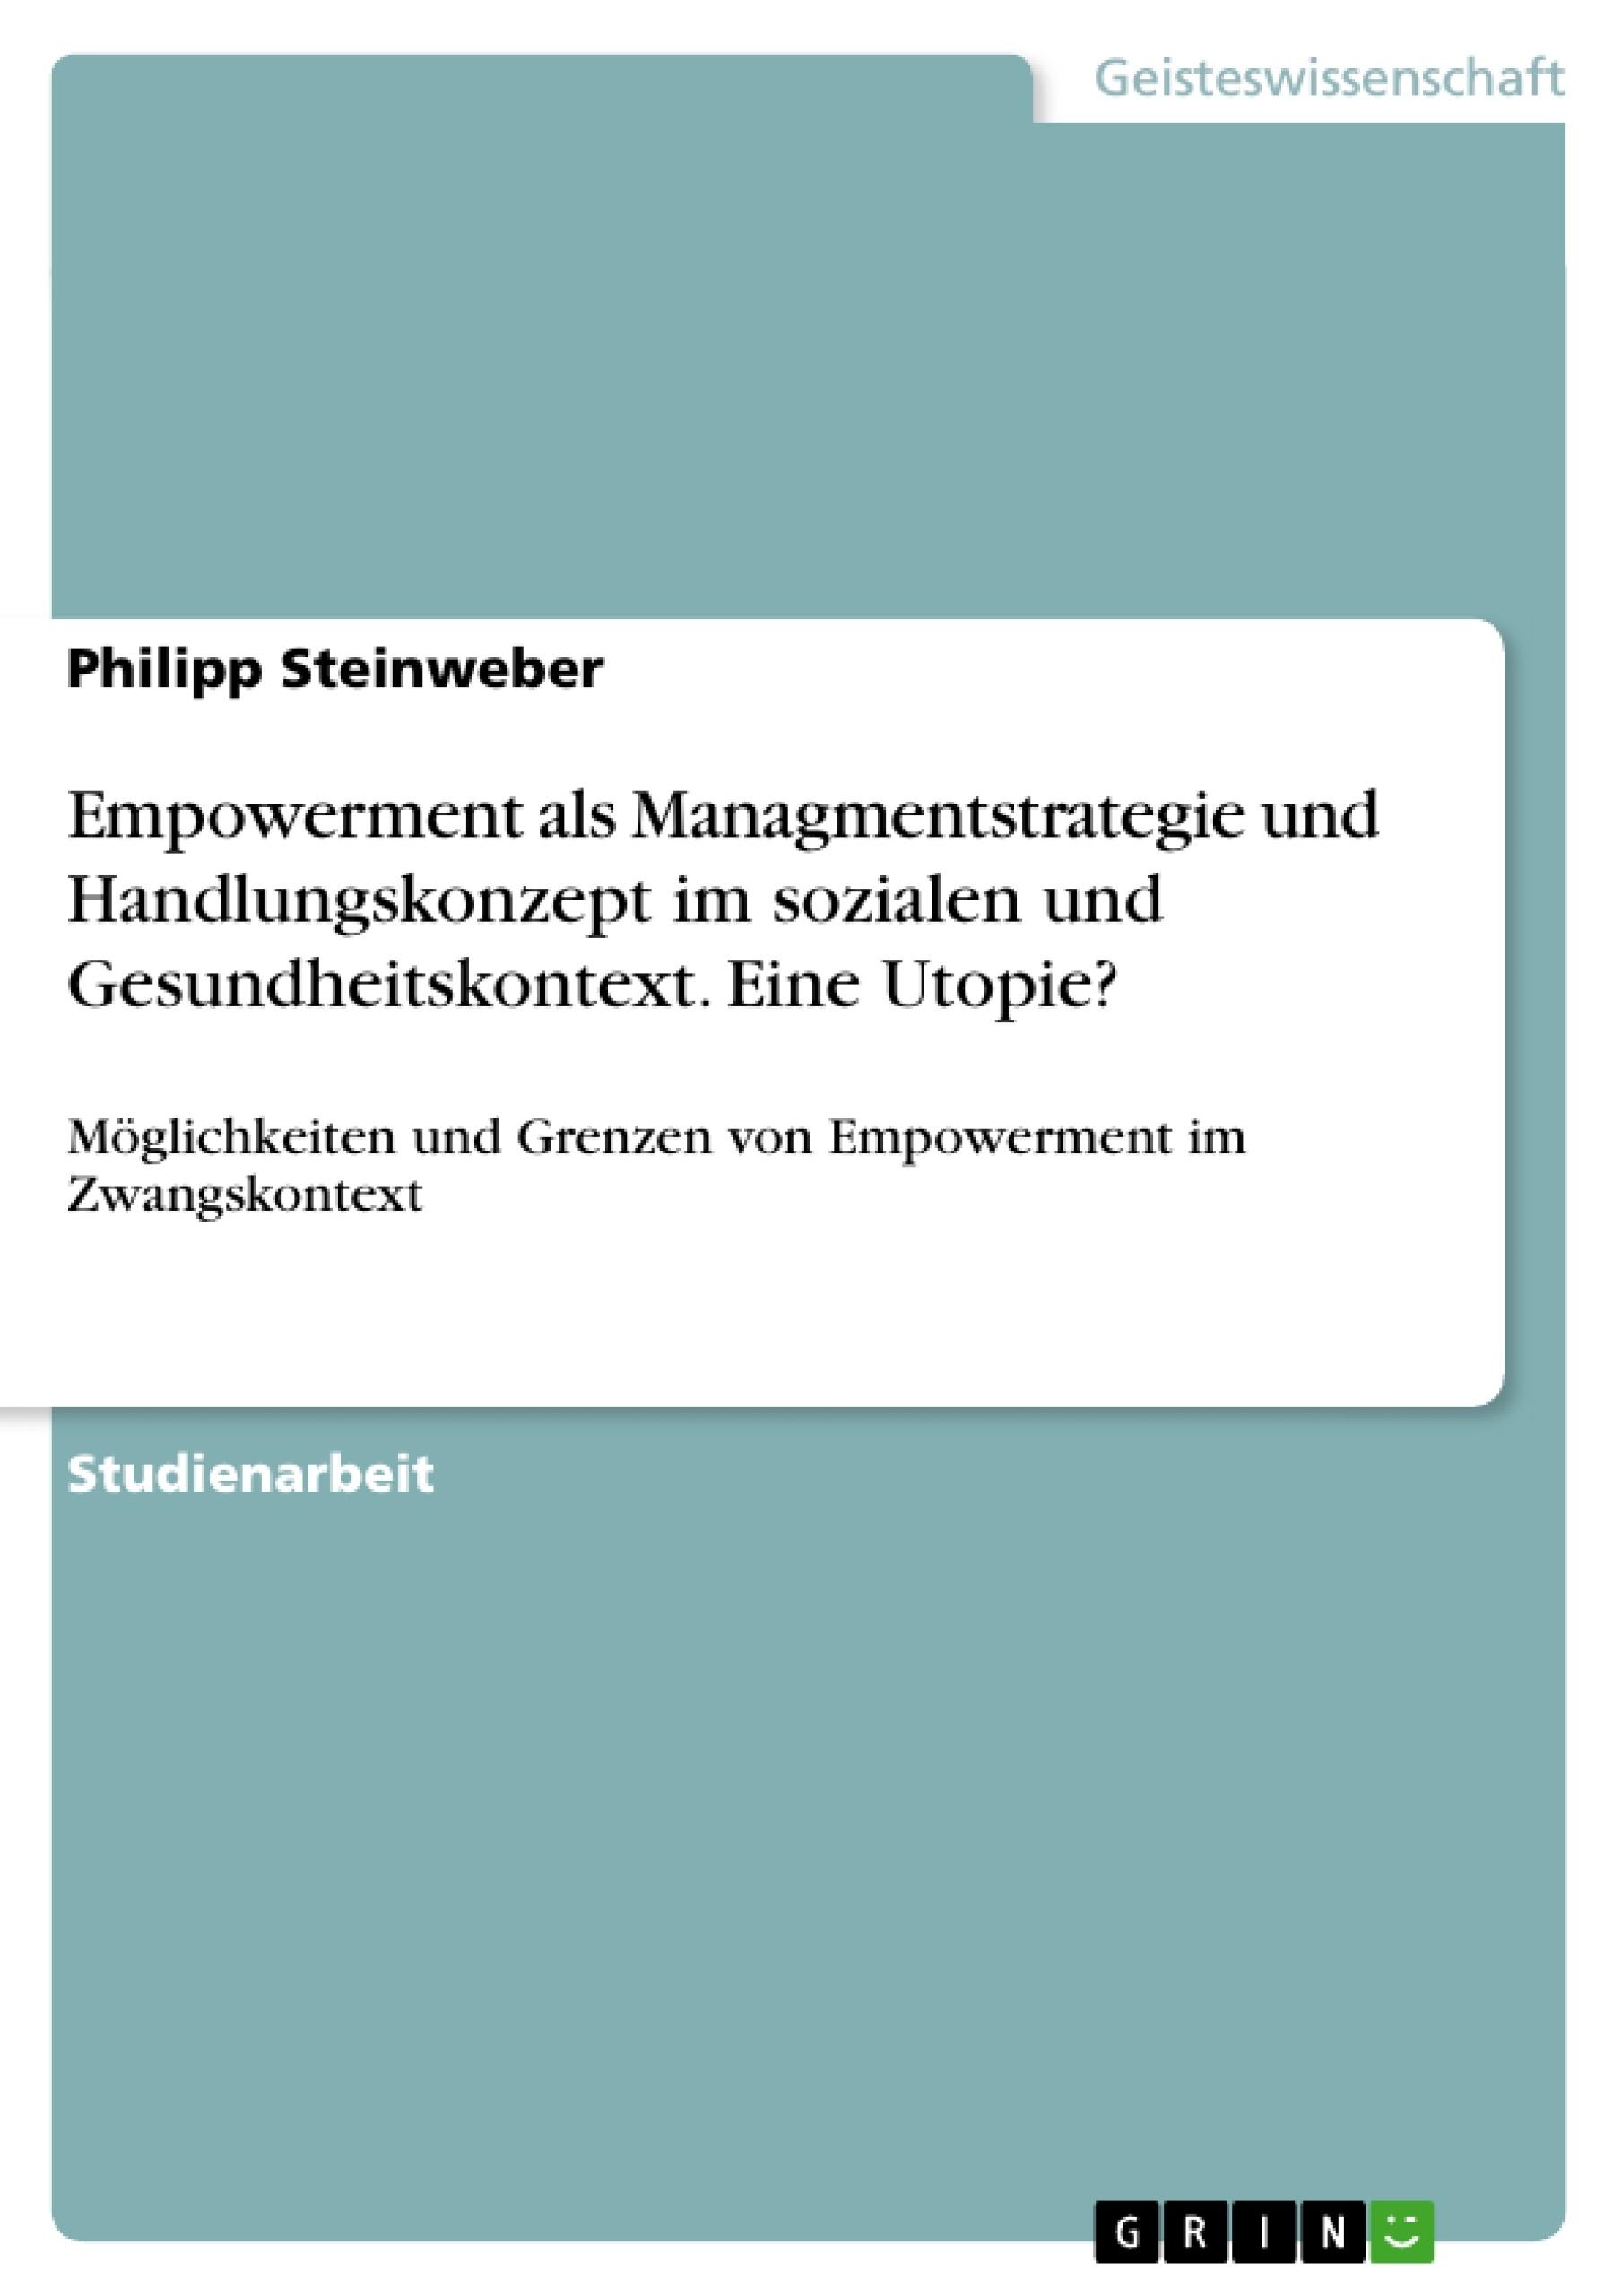 Titel: Empowerment als Managmentstrategie und Handlungskonzept im sozialen und Gesundheitskontext. Eine Utopie?